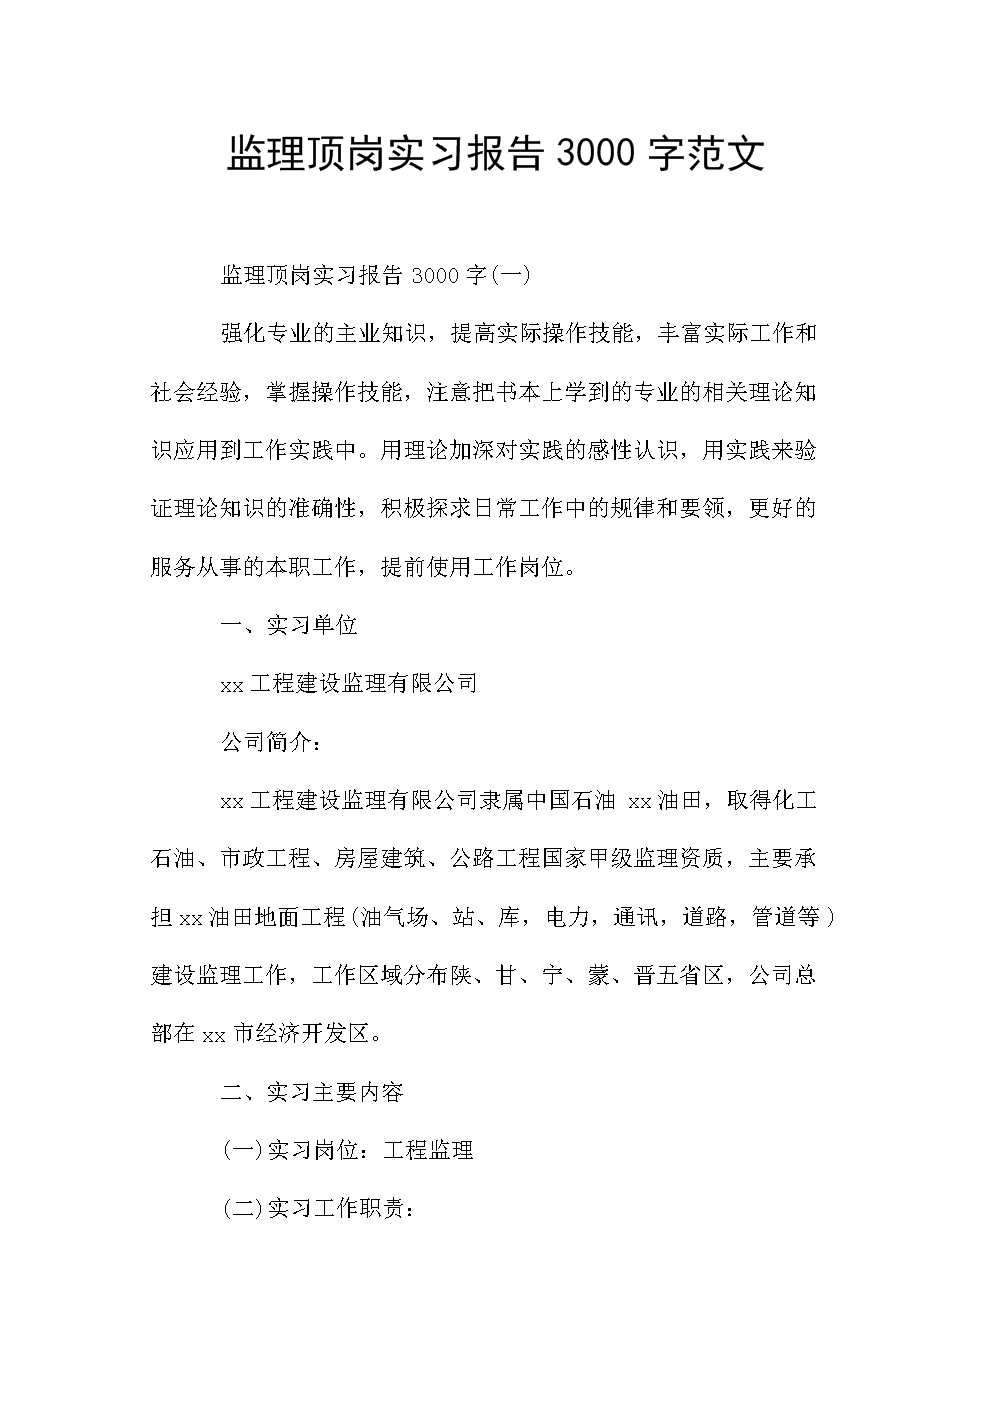 监理顶岗实习报告3000字范文.doc